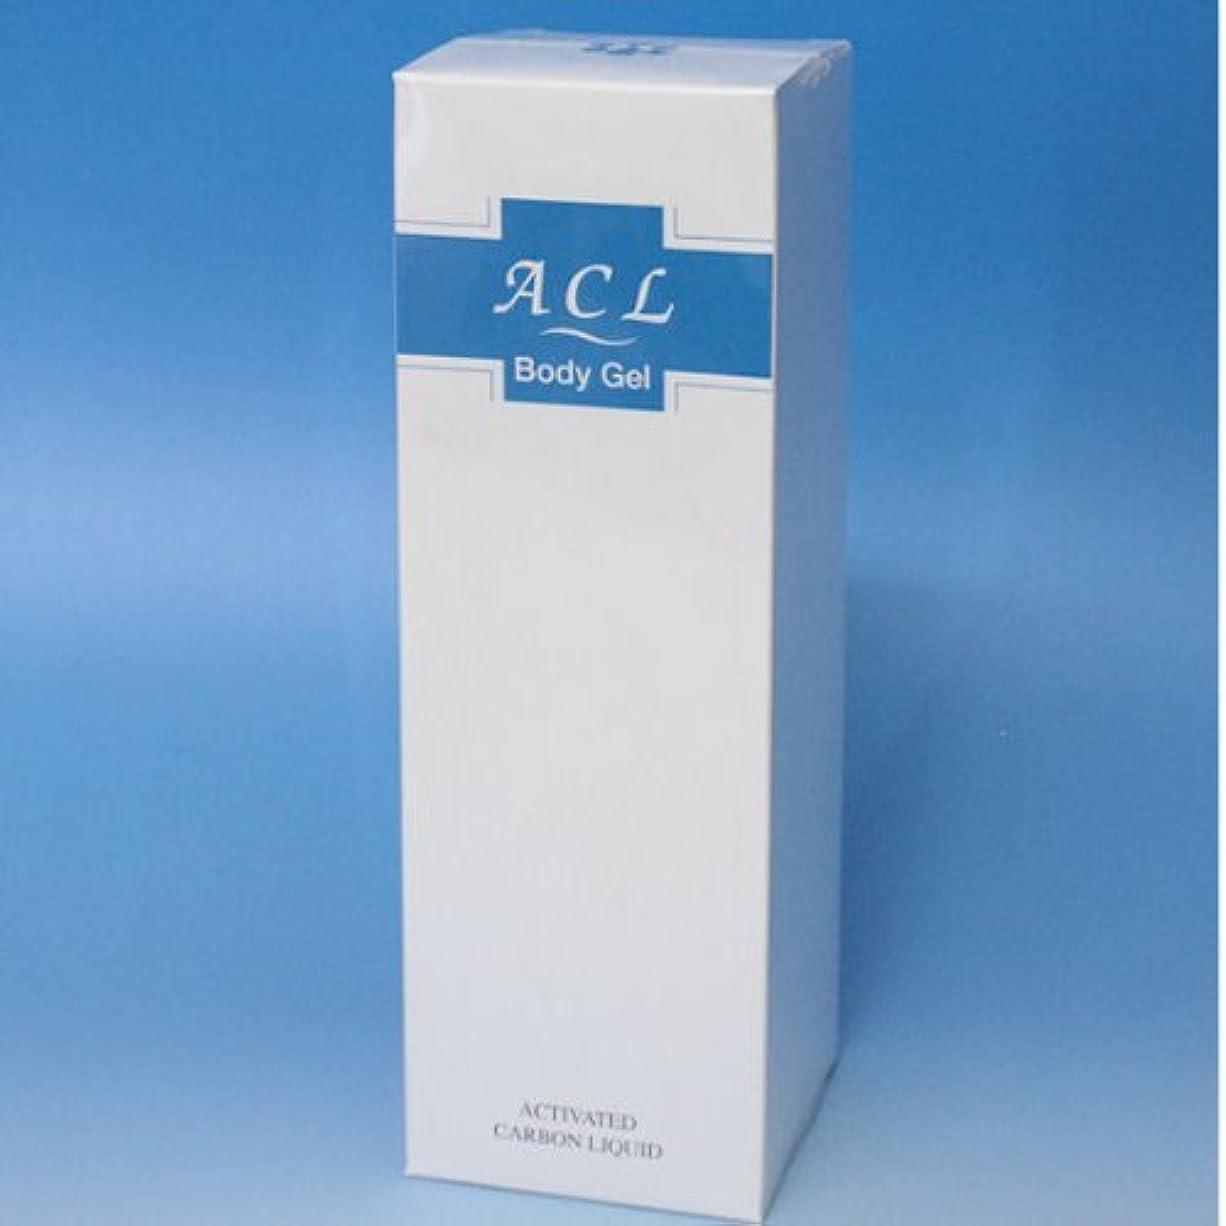 にぎやか司書弾性ACL(アクル)ボディージェル400g